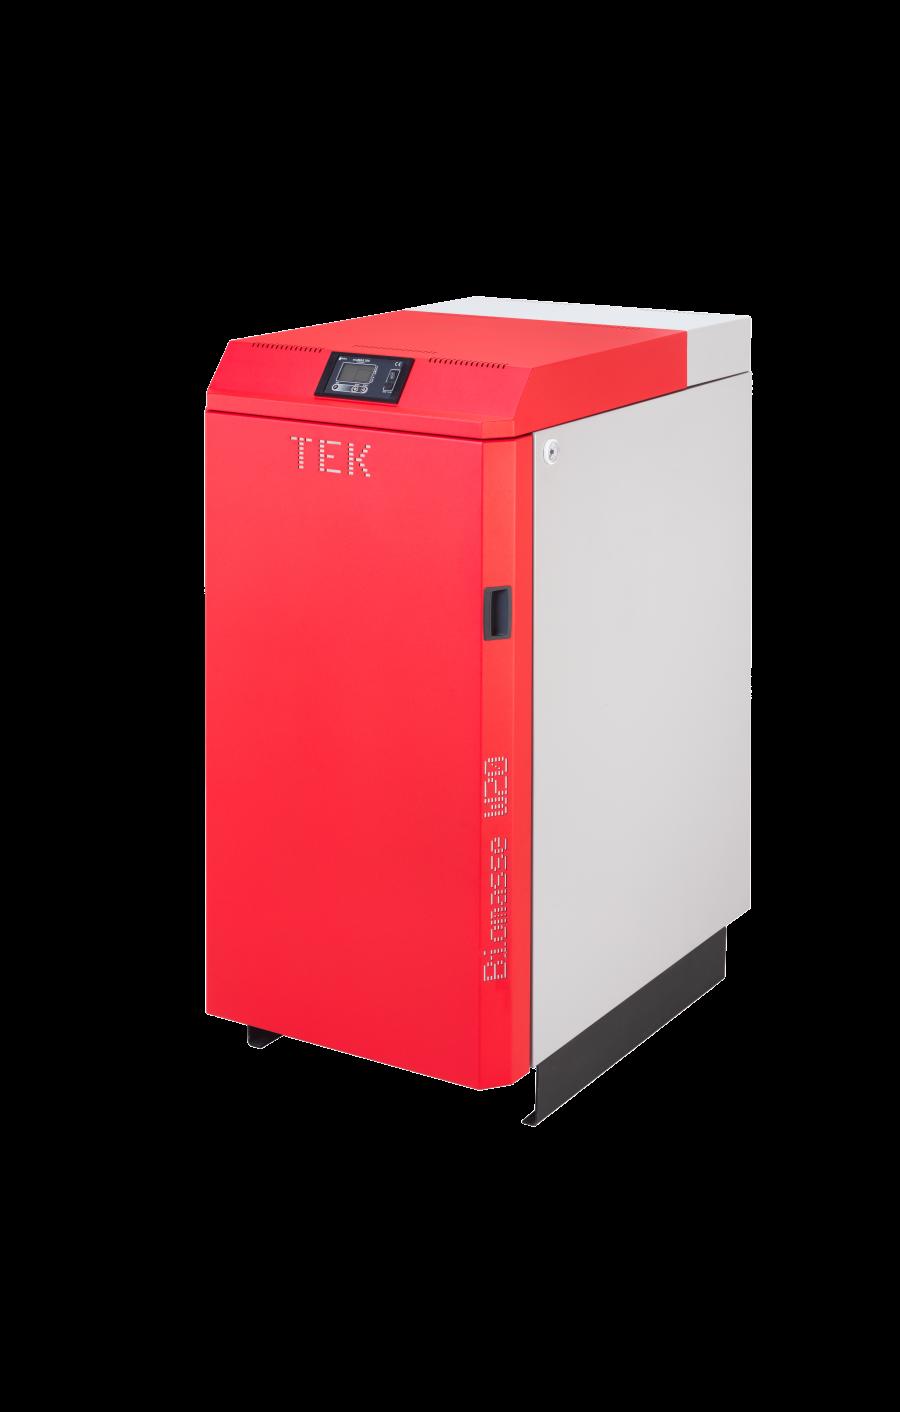 Biomasse W - caldeira a lenha de cor vermelha da TEK Biomasse.